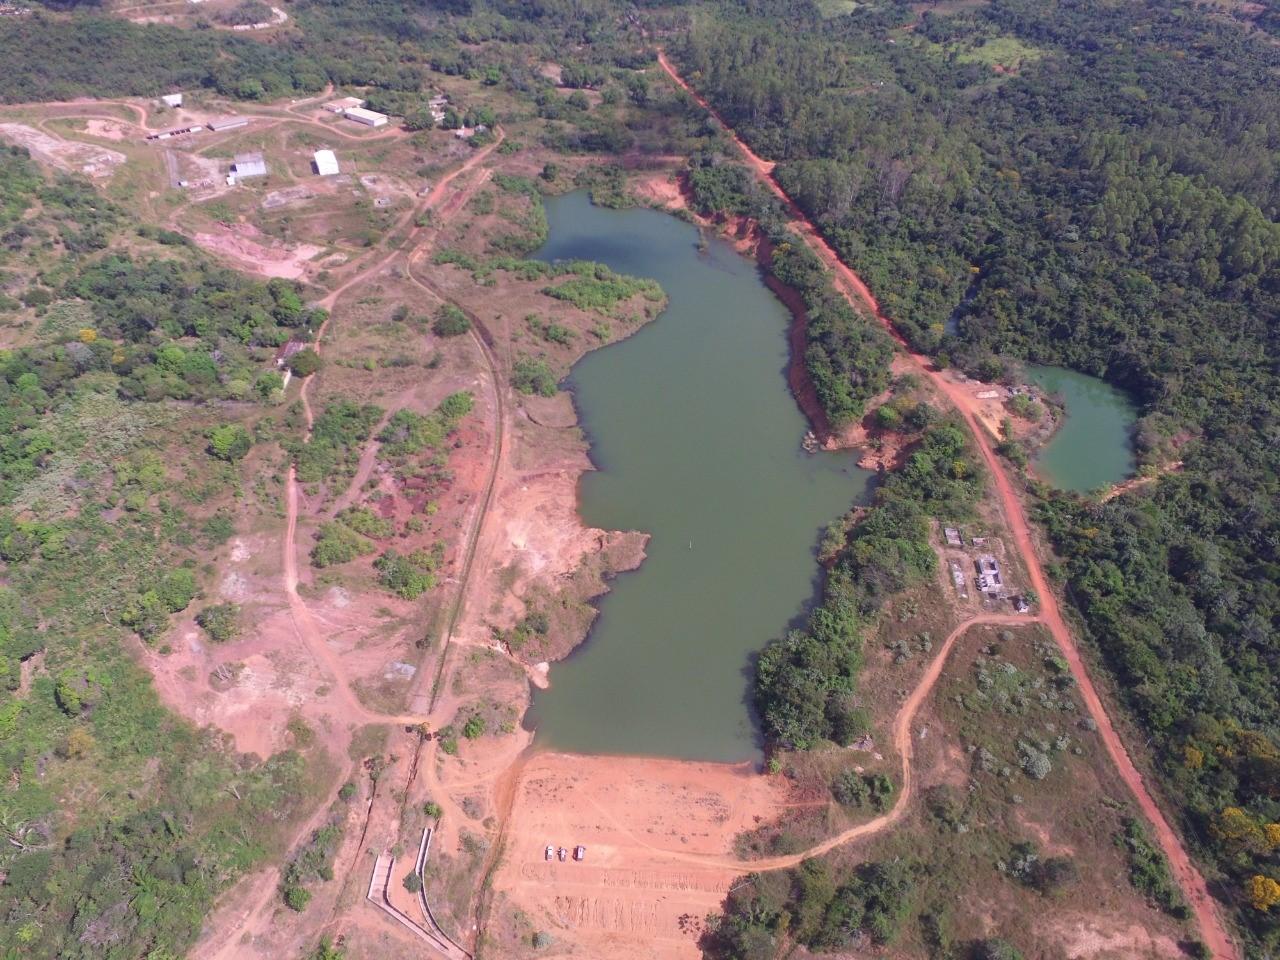 Vista geral da barragem e reservatório